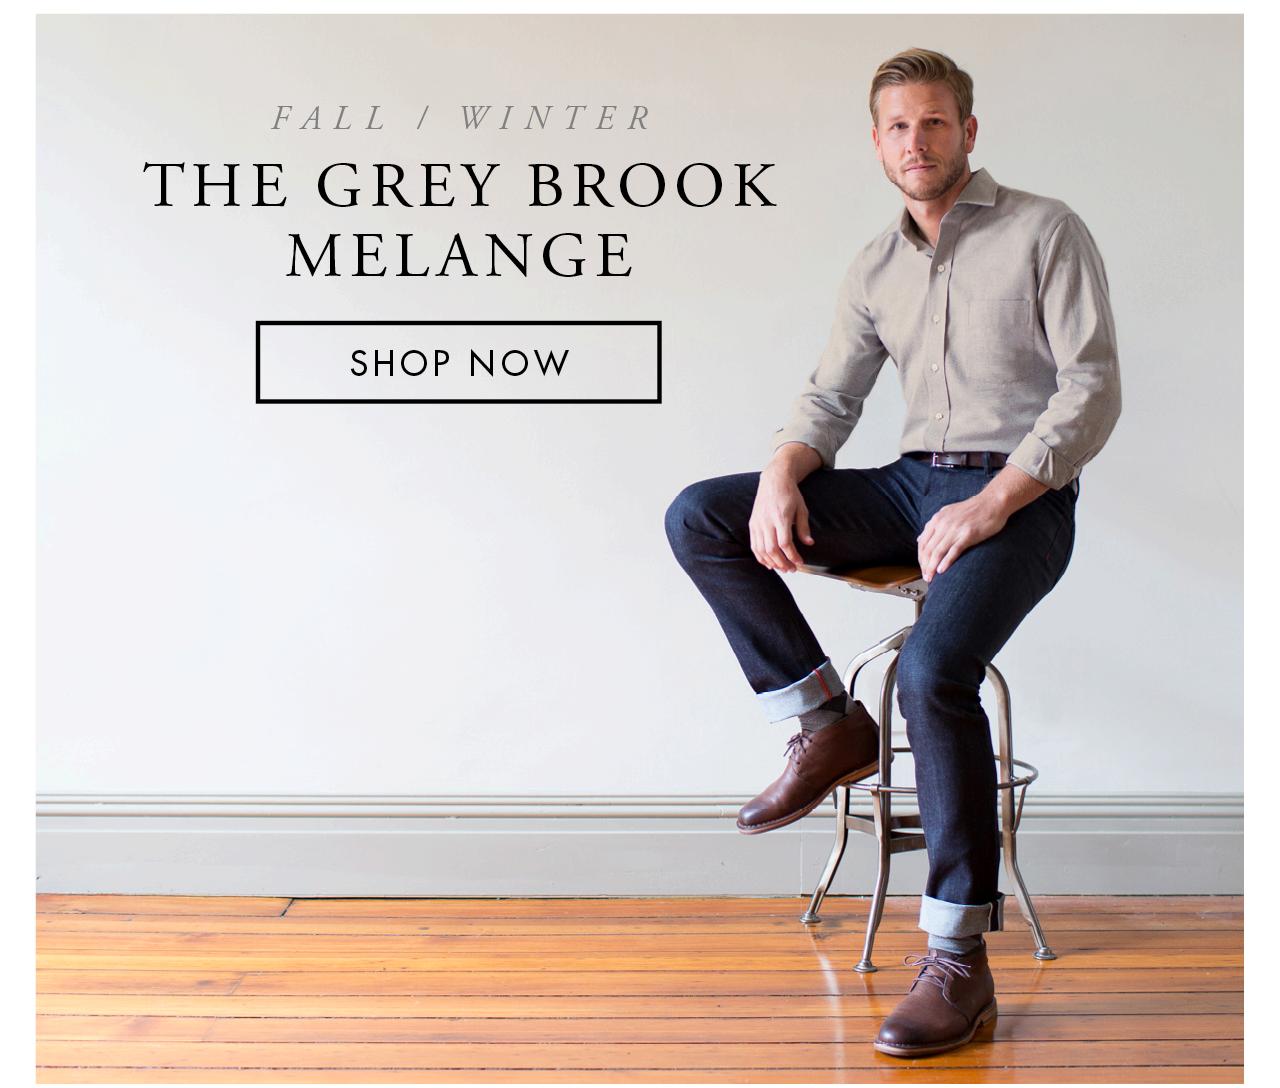 The Grey Brook Melange